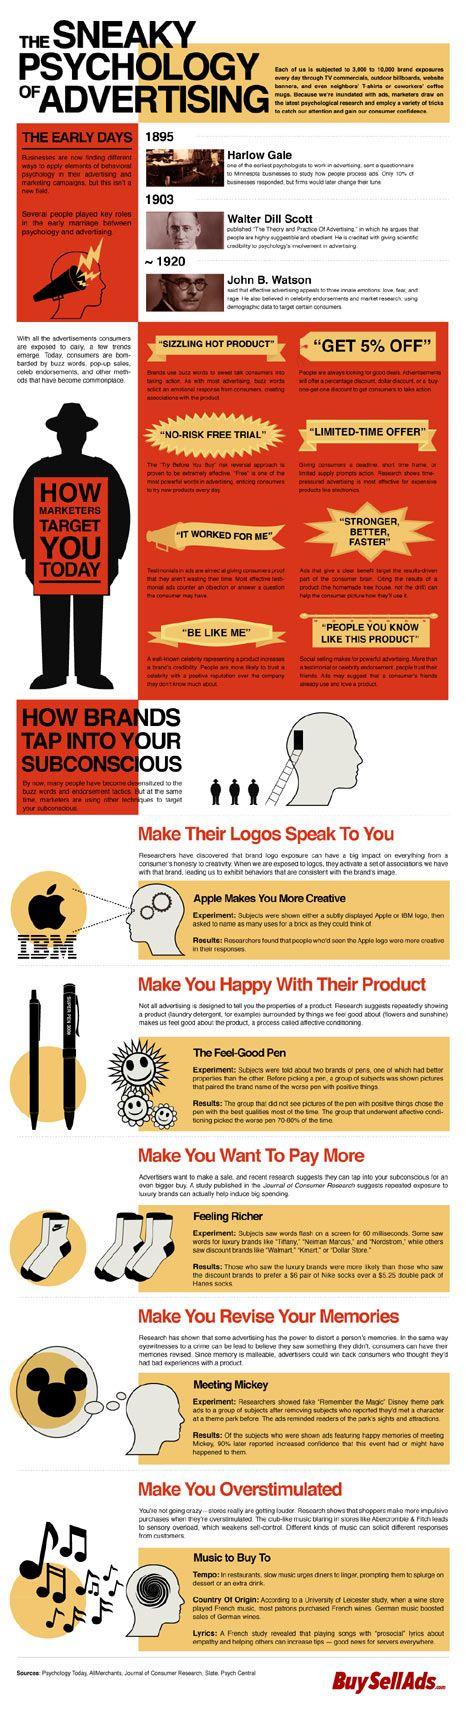 Como la psicología esta dentro de la publicidad desde finales del siglo XIX... Muy interesante! @EduMoreG